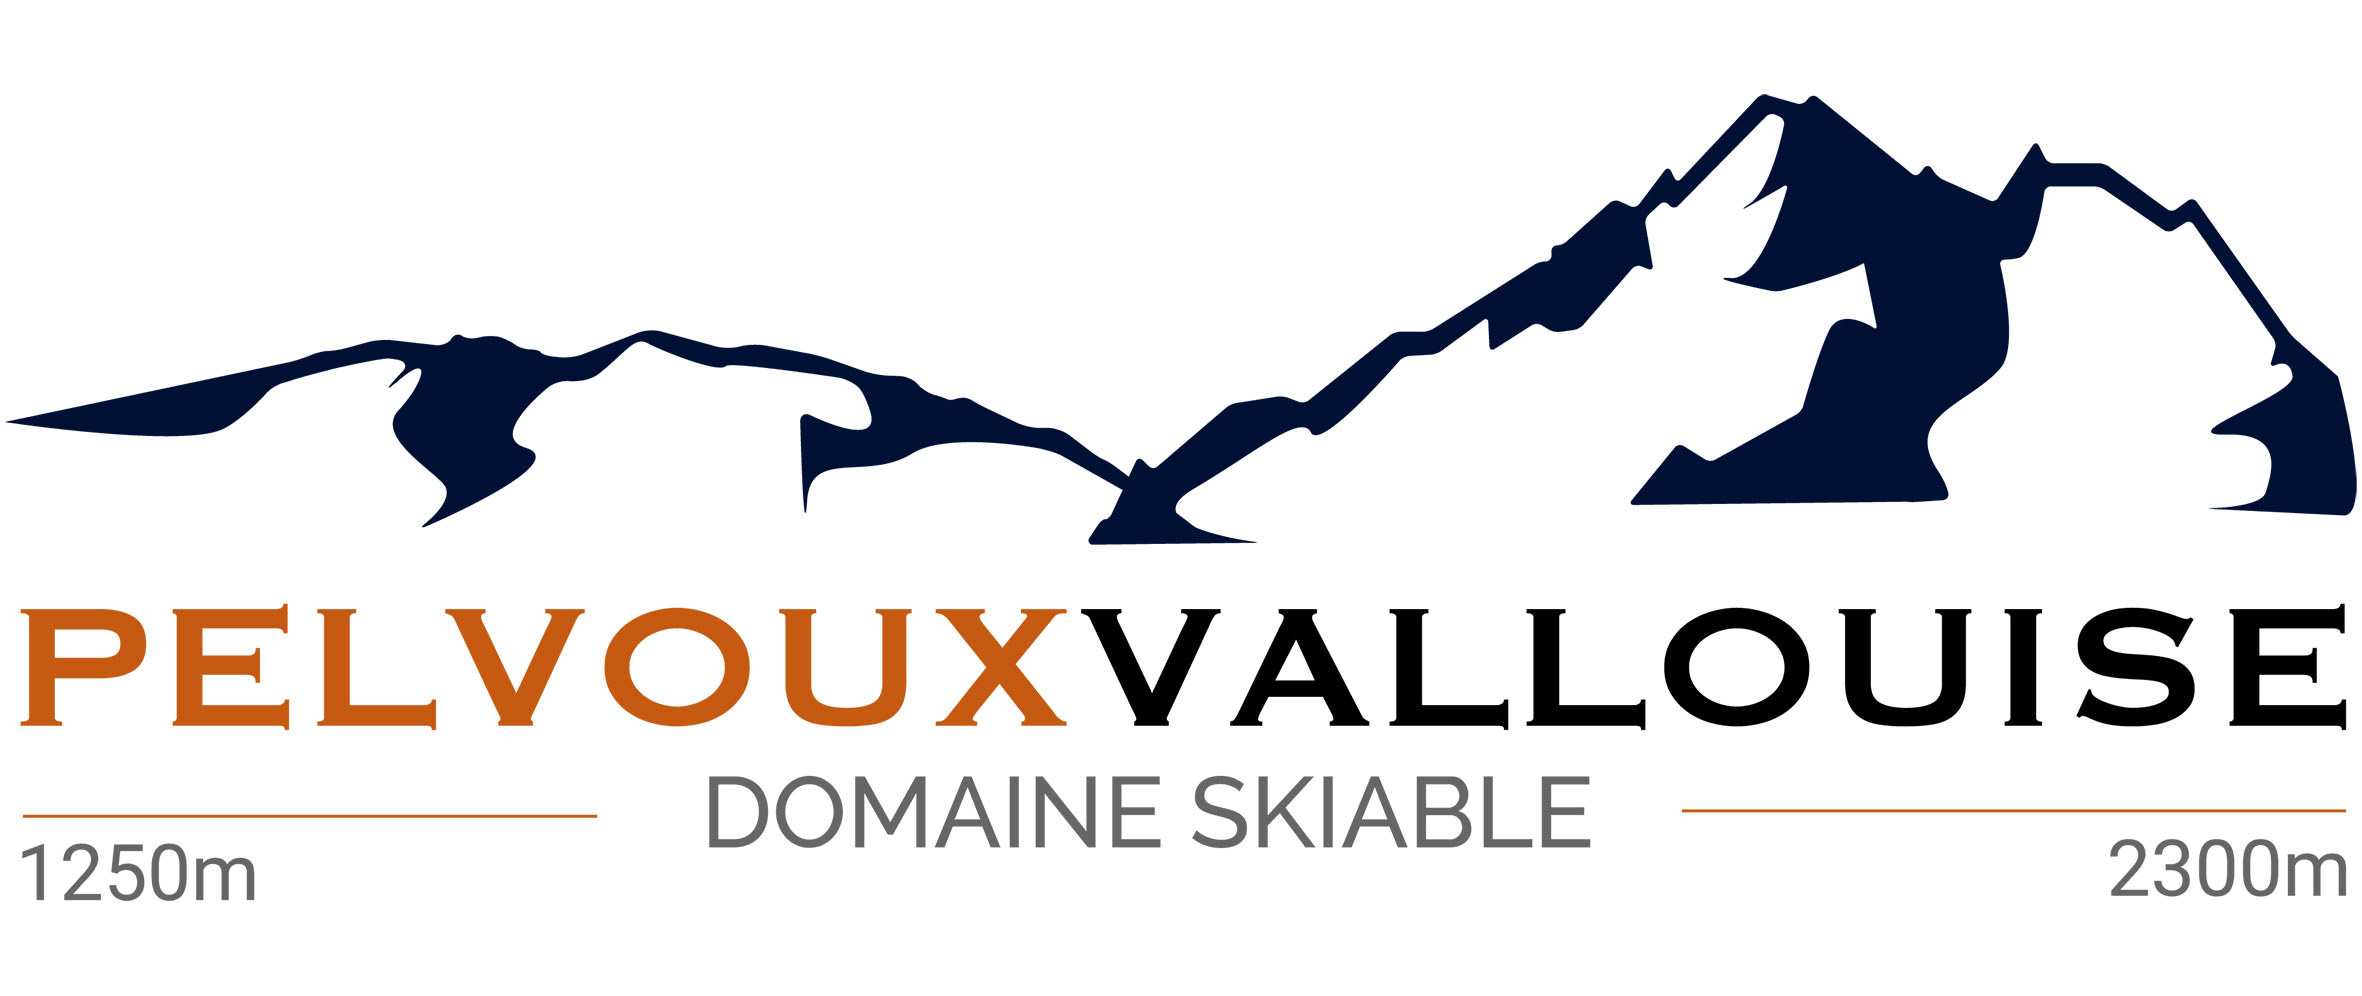 Estación de esquí Pelvoux